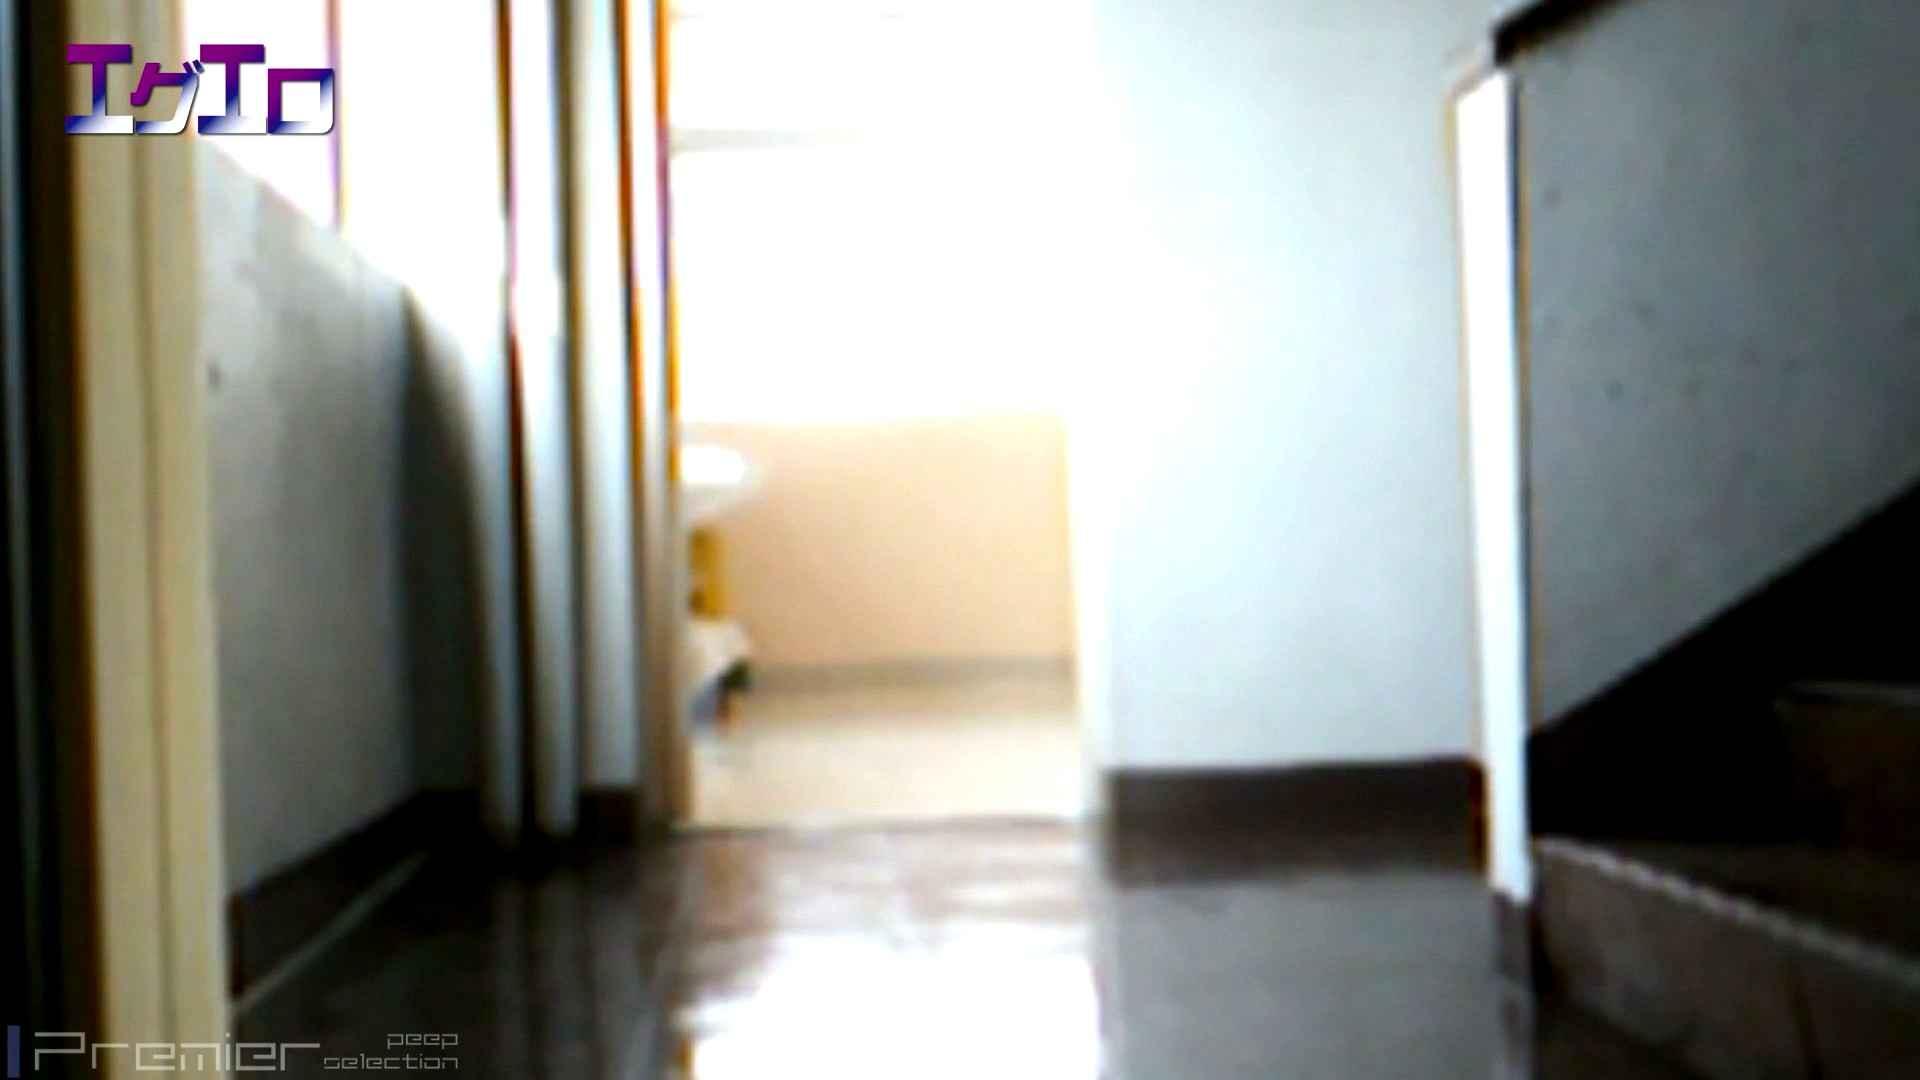 至近距離洗面所 Vol.10ブルージーンズギャルの大放nyo 萌えギャル オマンコ無修正動画無料 96連発 95